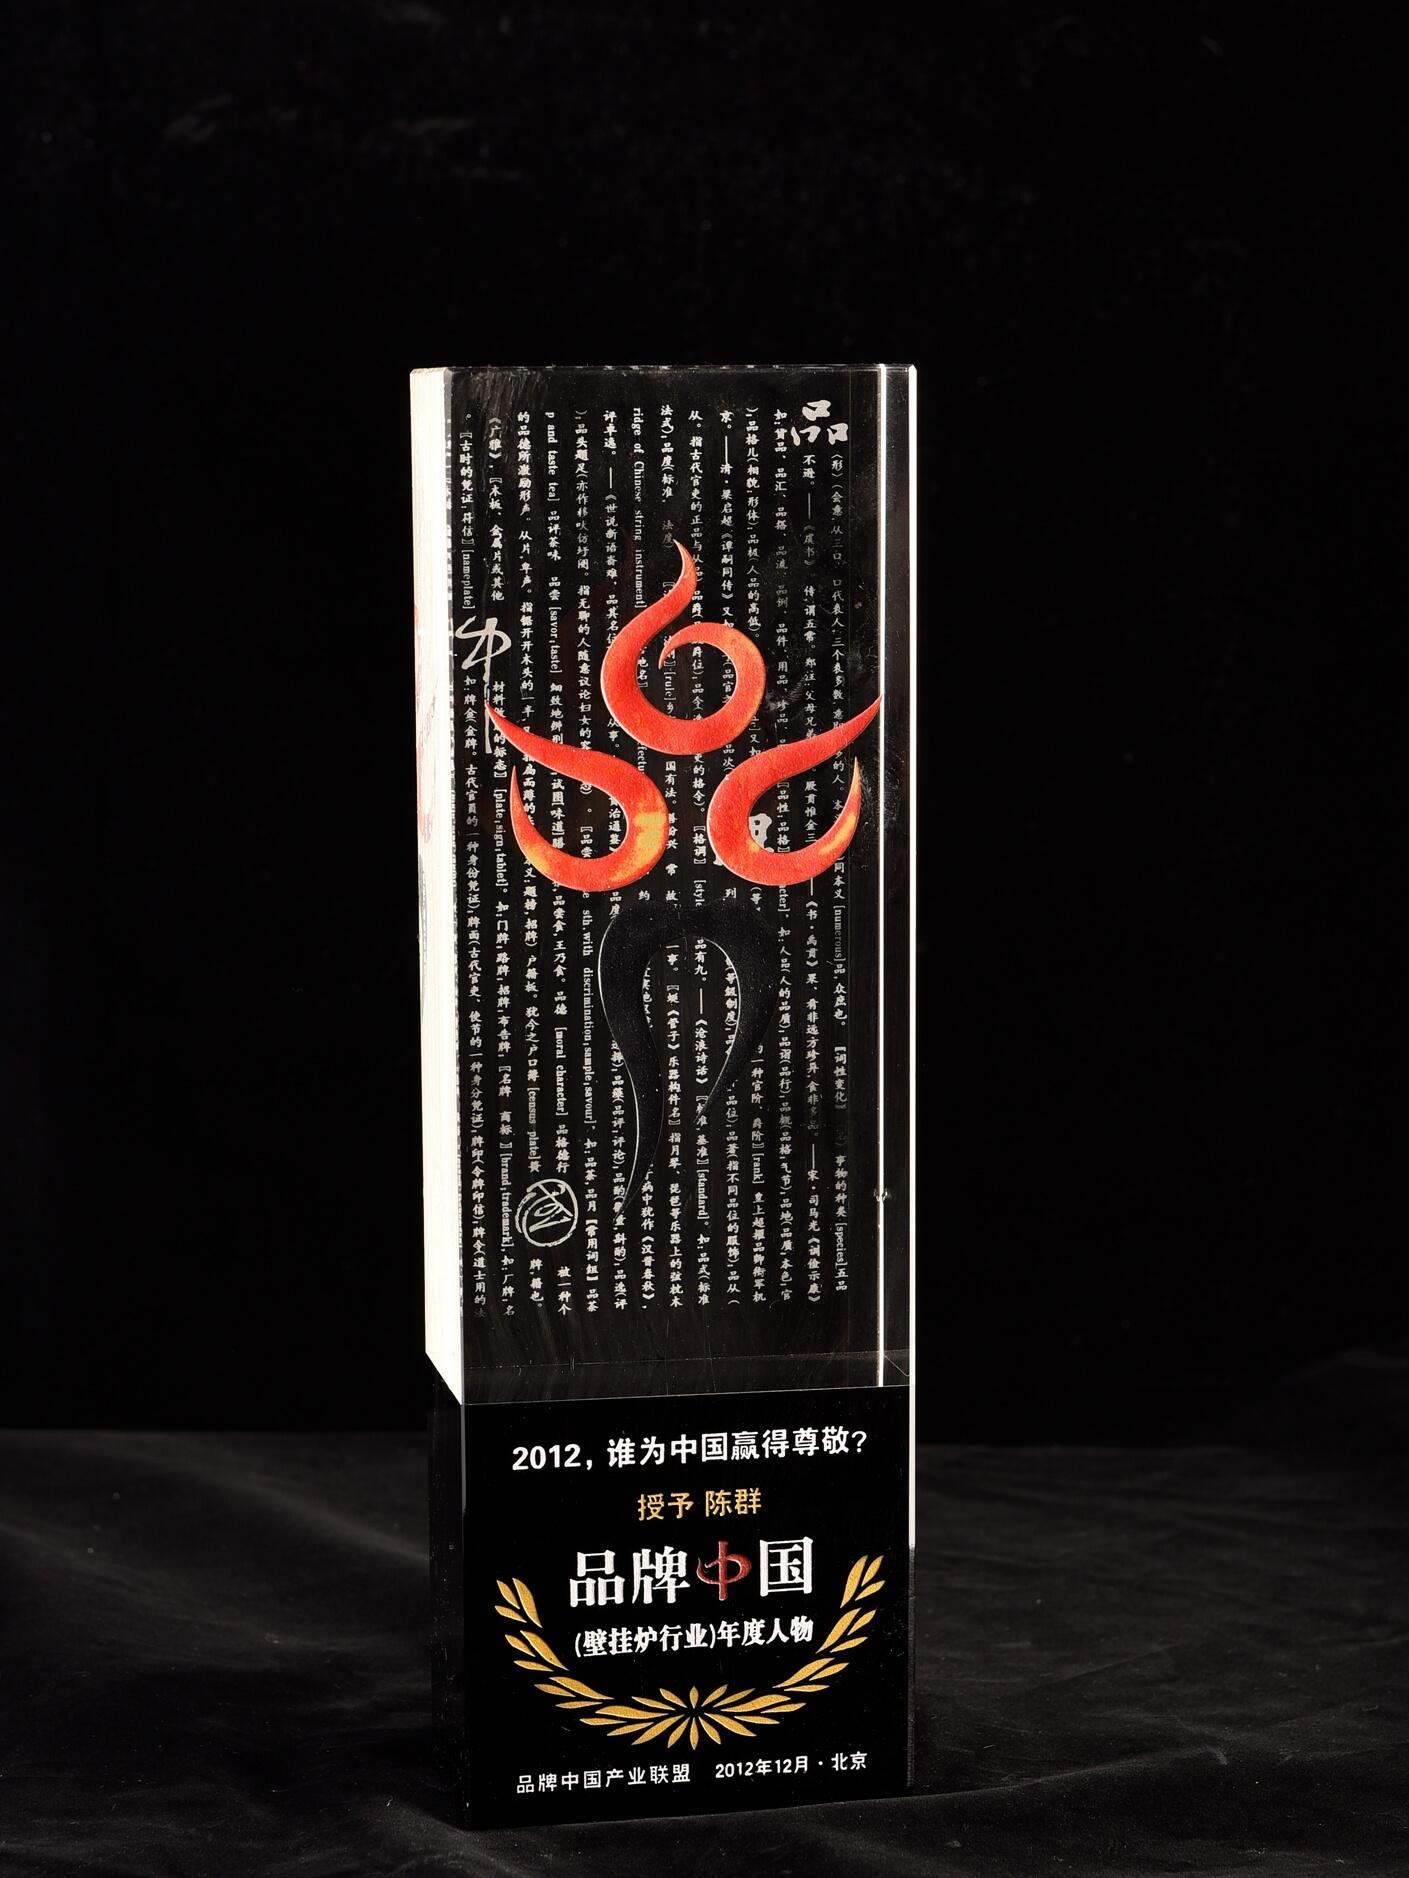 品牌中国(壁挂炉行业)年度人物